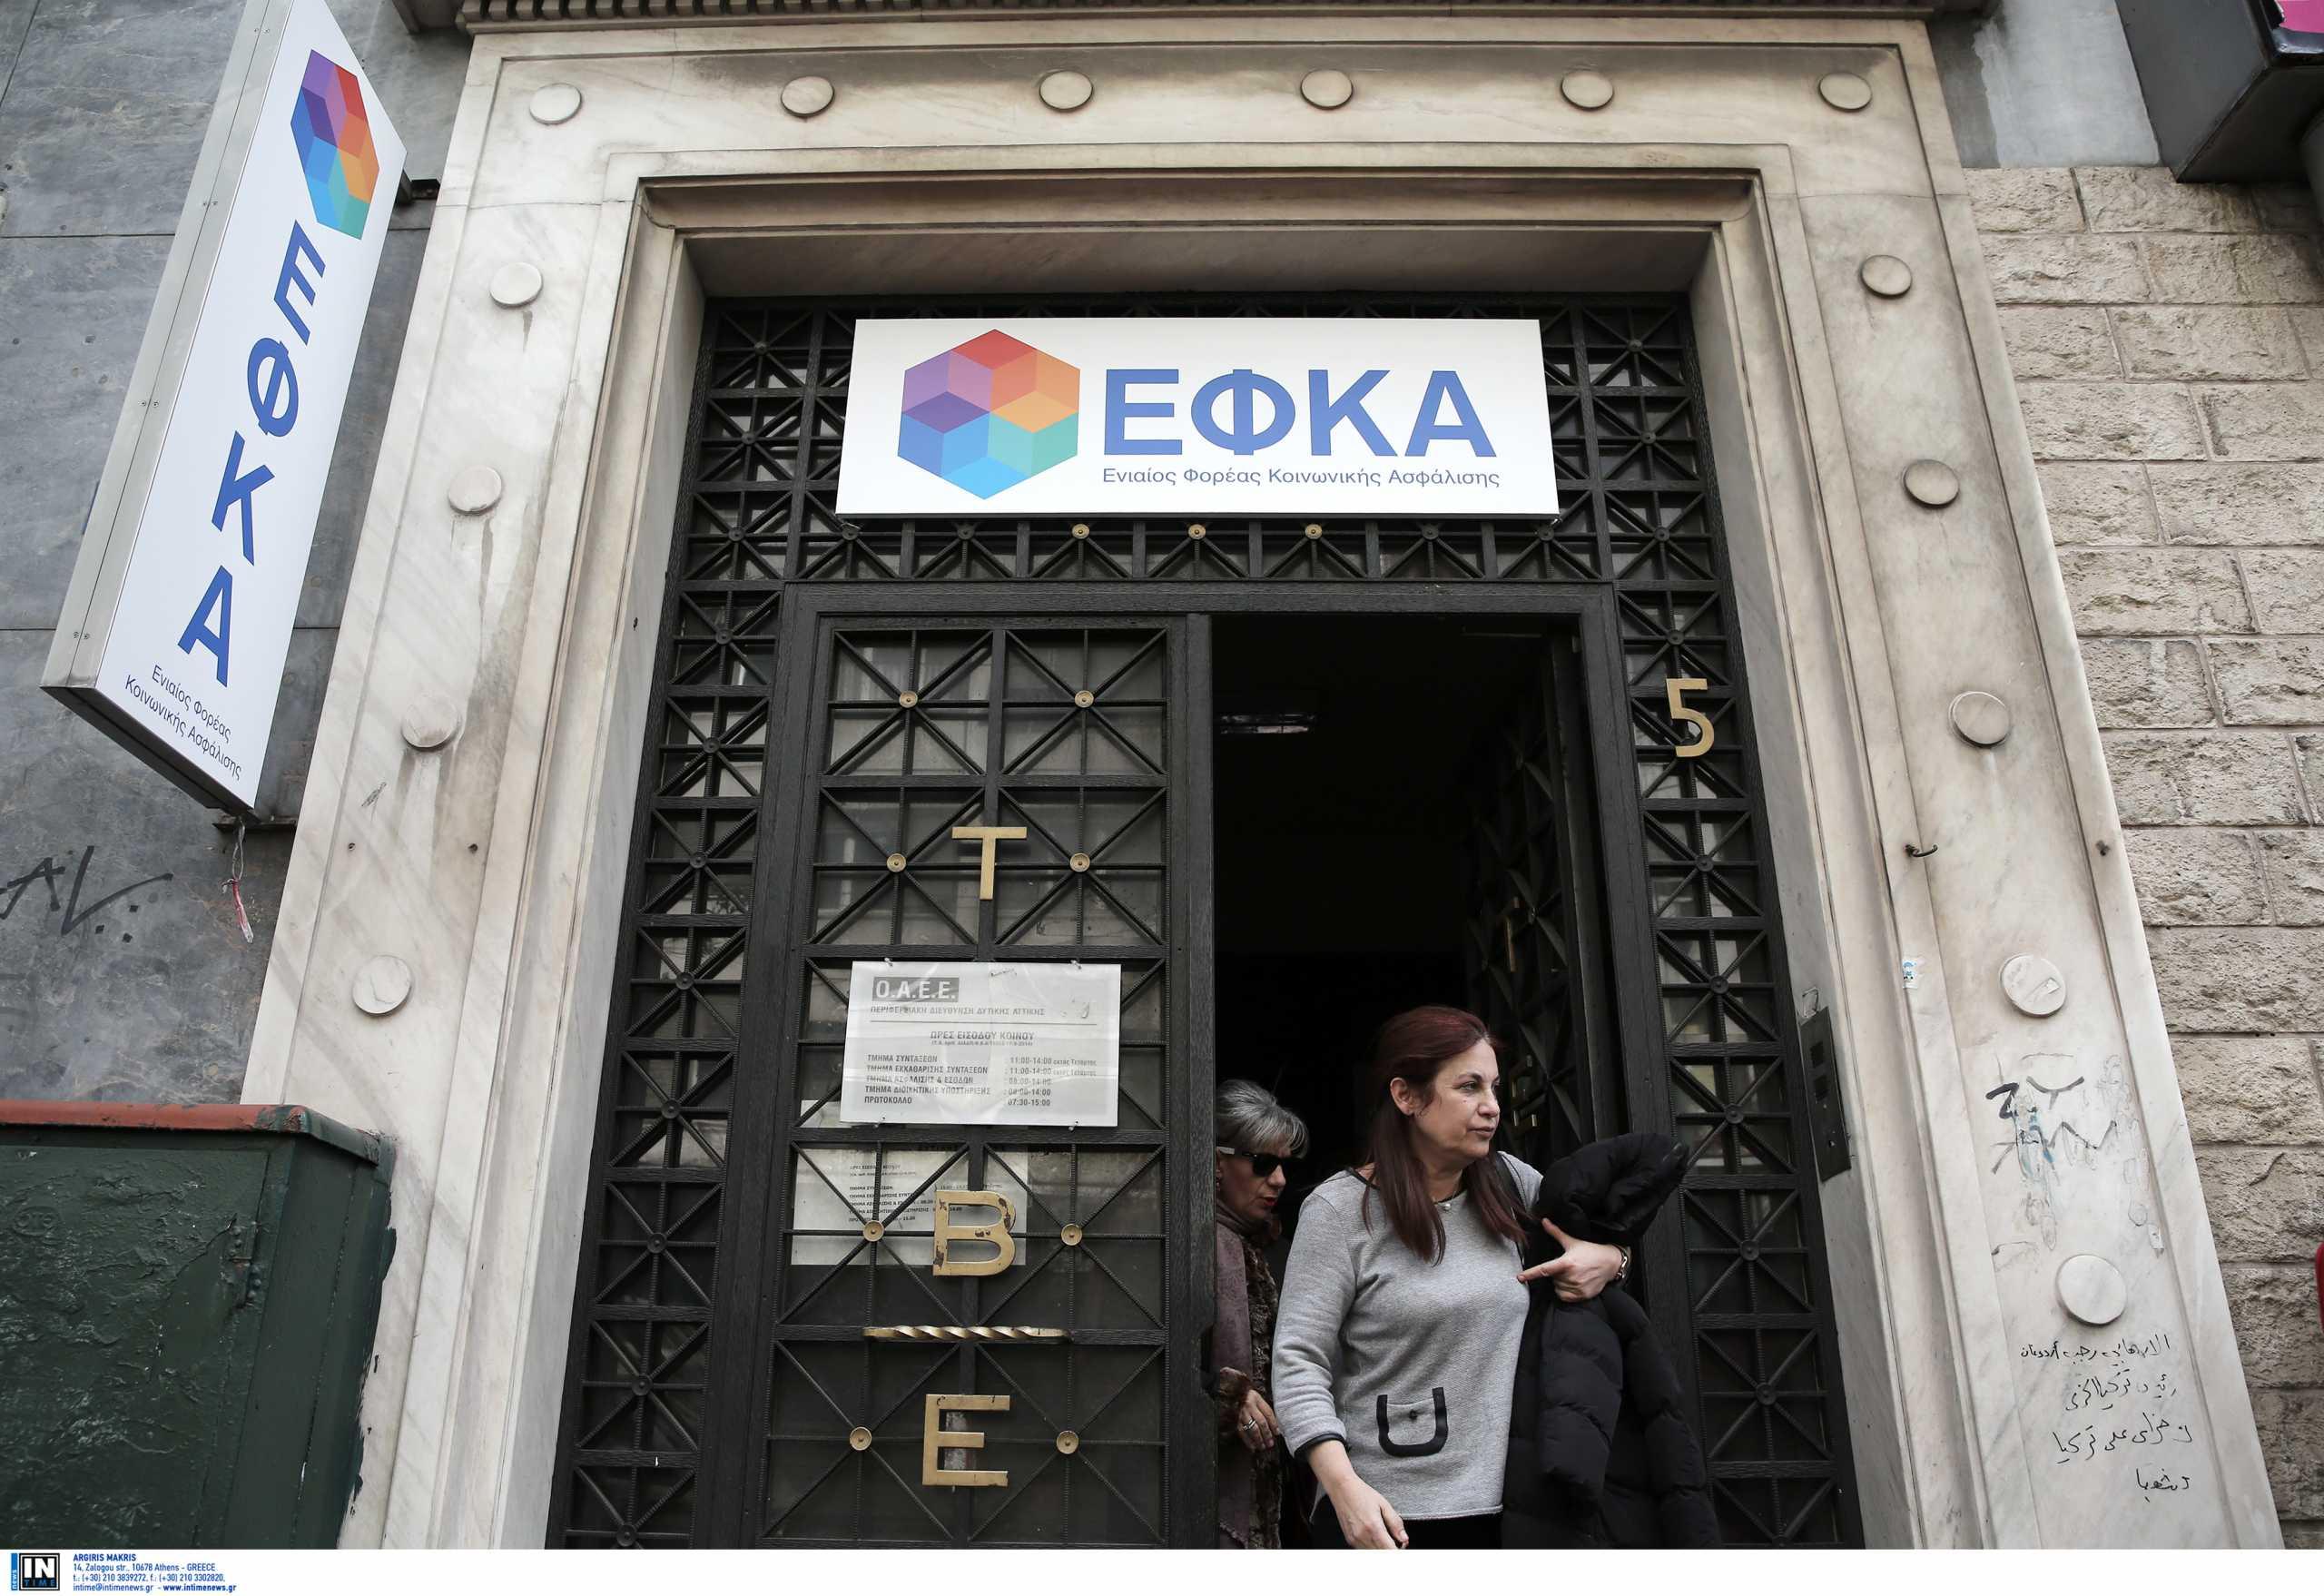 e-ΕΦΚΑ: Νέες τοπικές διευθύνσεις σε 6 περιοχές – Δείτε τι αλλάζει